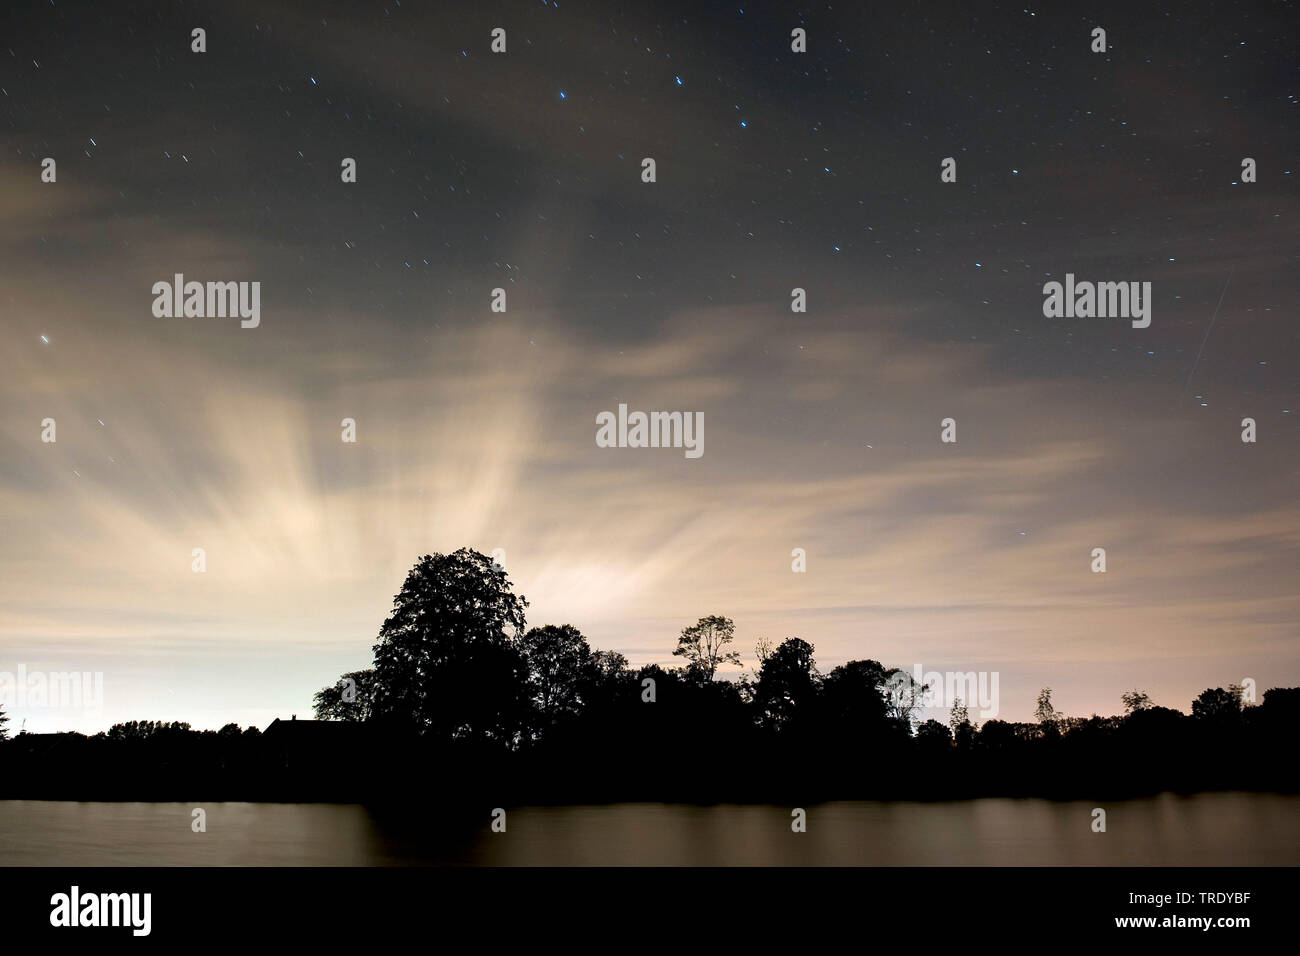 Sternenhimmel mit Perseiden und Schleierwolken, Niederlande, Overijssel, Twentekanaal Goor, Goor | starry night with perseids and cirrus clouds, Nethe - Stock Image